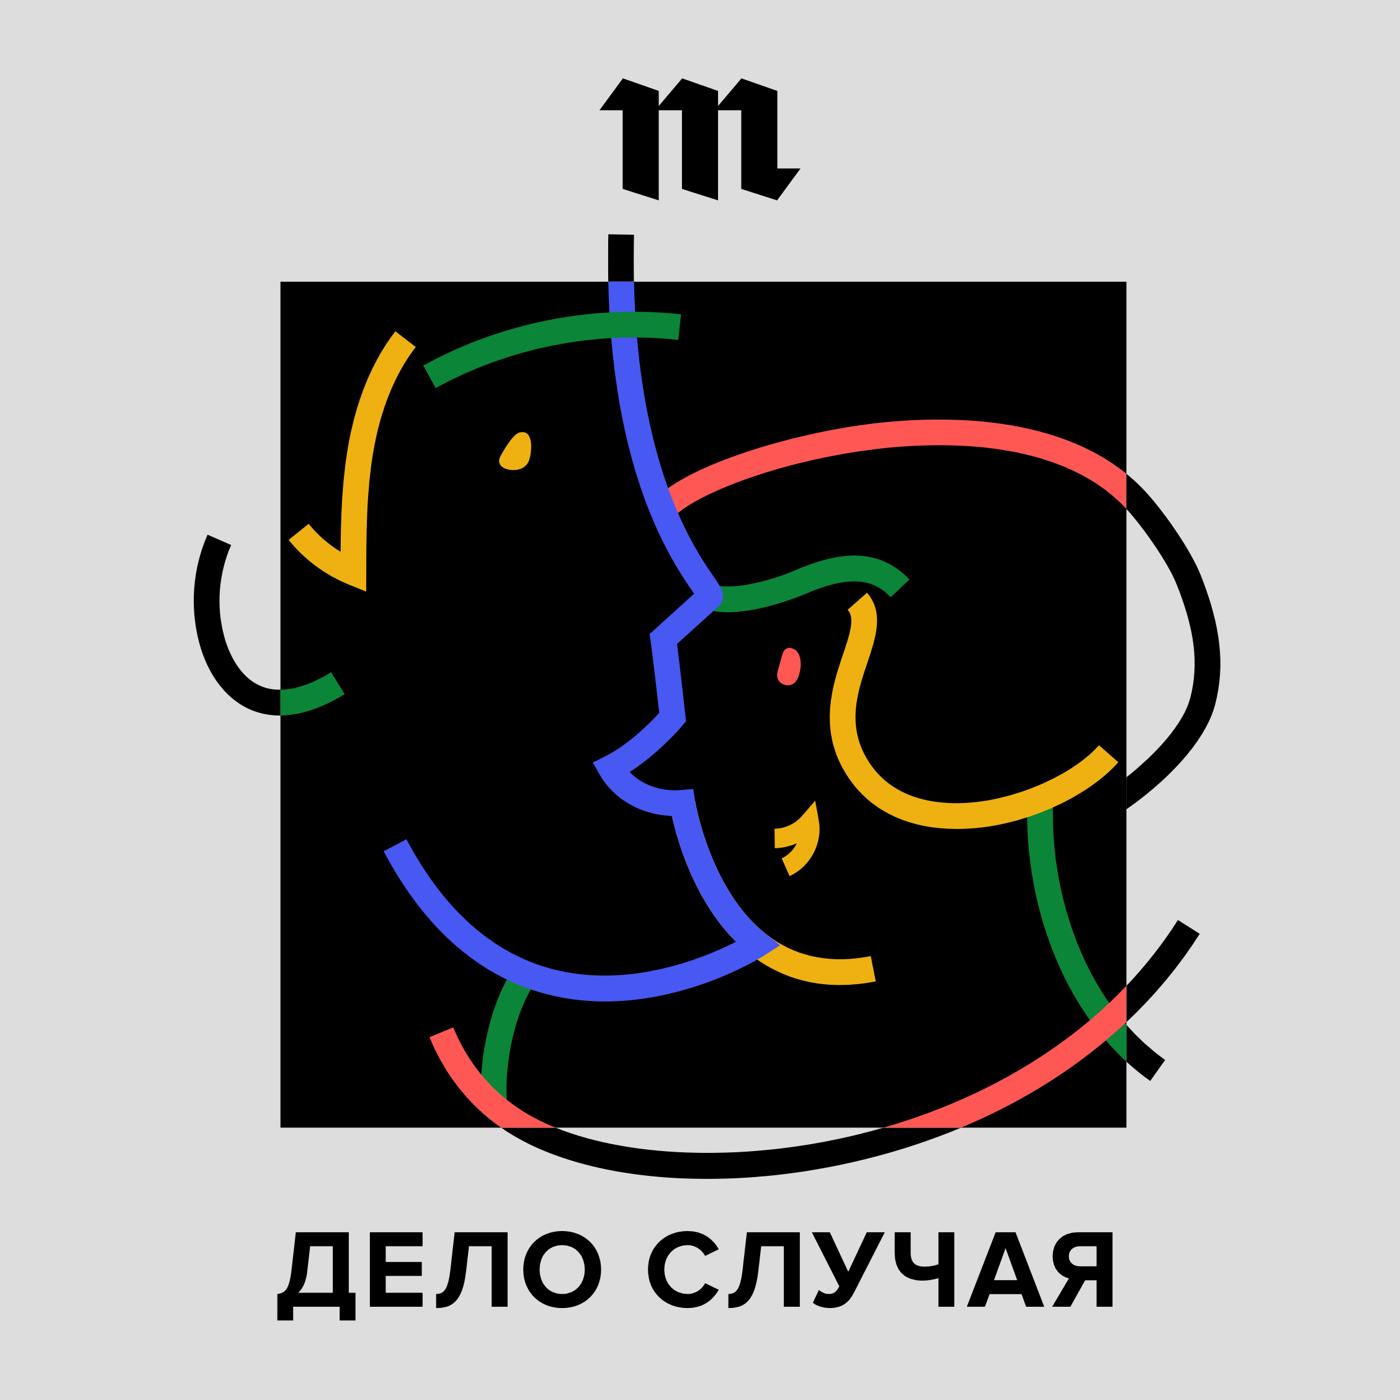 Андрей Бабицкий Человек — он все-таки хороший или плохой?